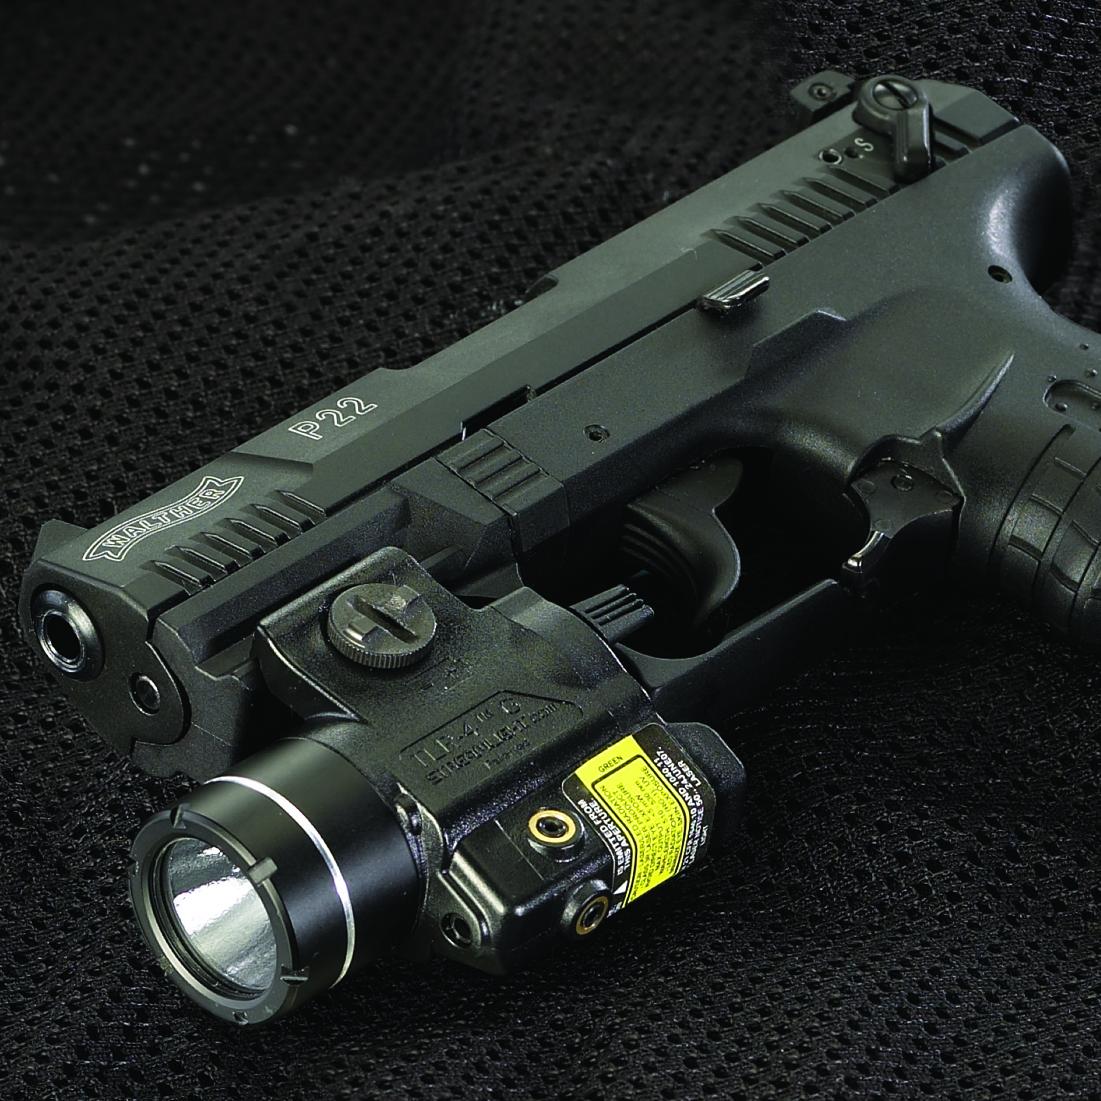 TLR-4G_Handgun